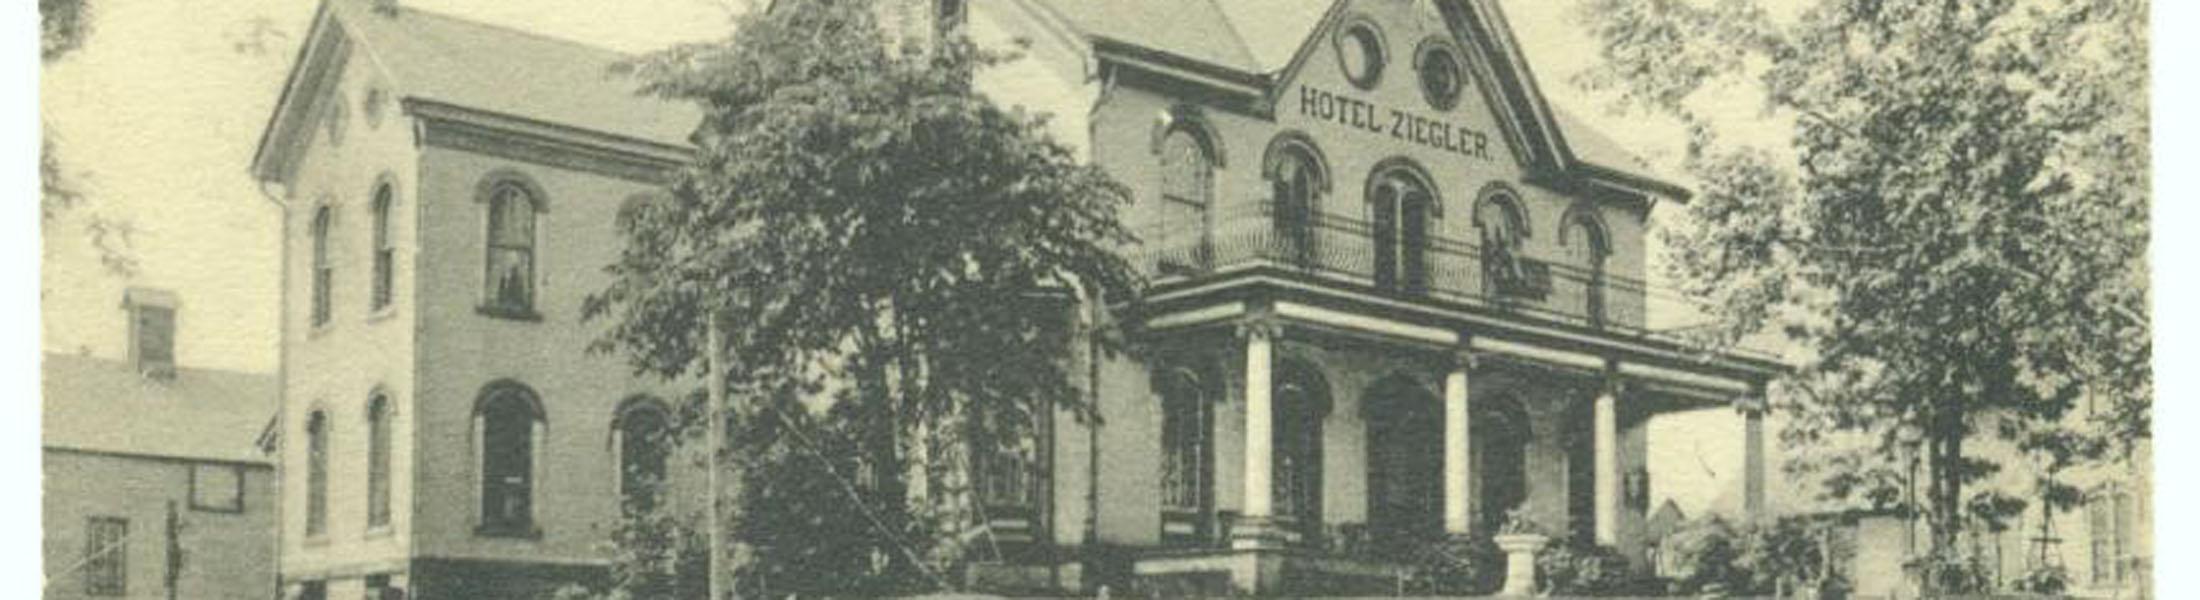 Harmony Inn 1914